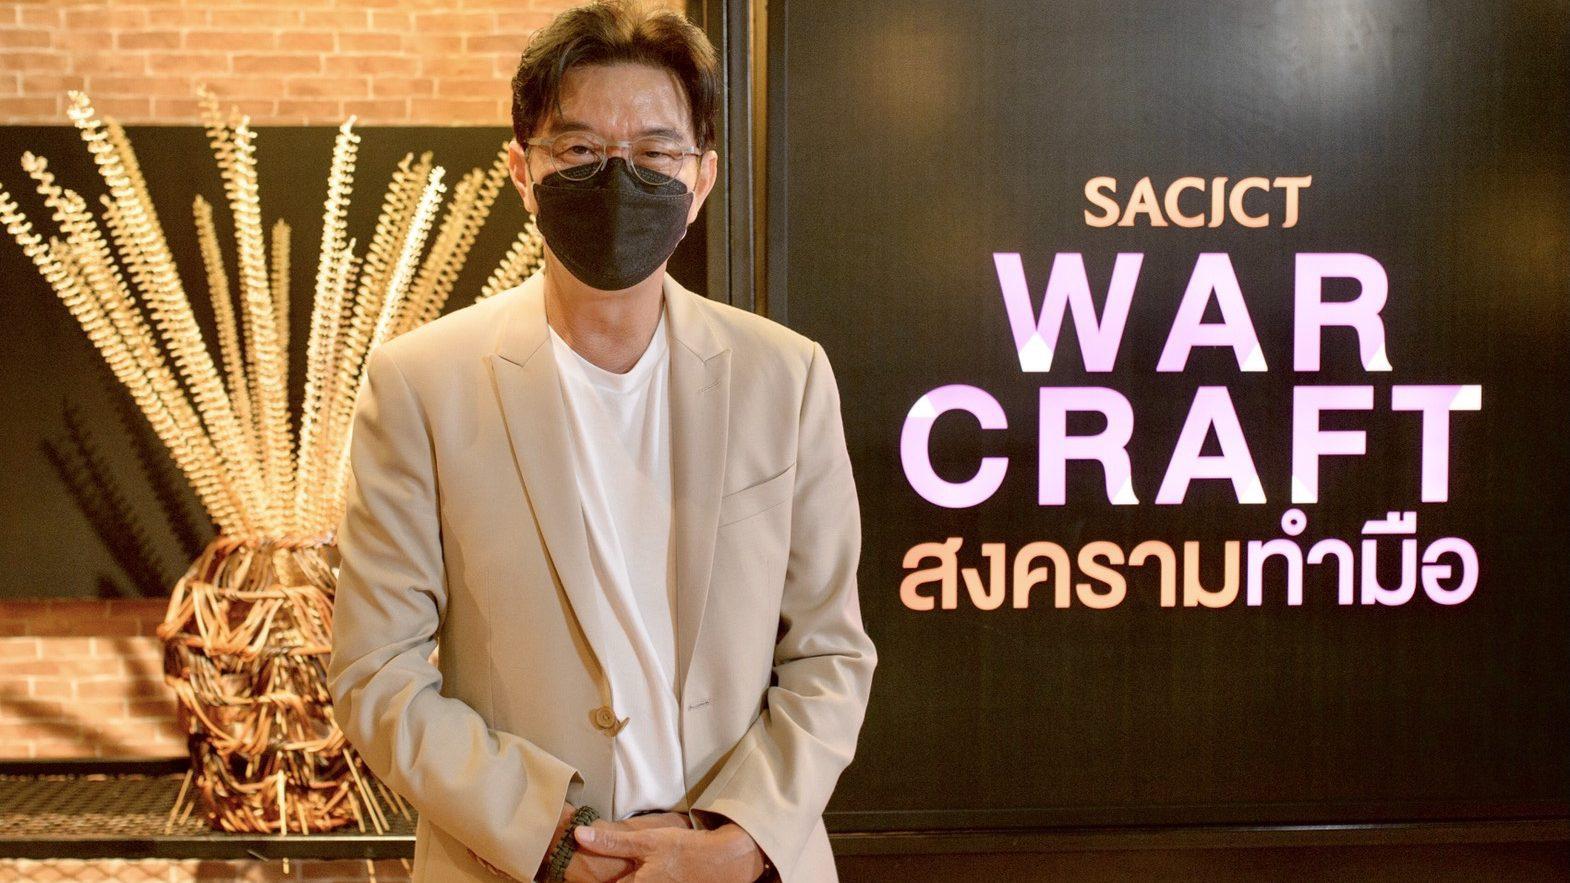 """เปิดตัว ดู๋ – สัญญา พิธีกรรายการ """"SACICT WAR CRAFT สงครามทำมือ"""" ชวนคนไทยติดตามชมความสนุกสุดมัน ตอนแรก 17 กรกฎาคมนี้ ทางอมรินทร์ทีวี 34"""